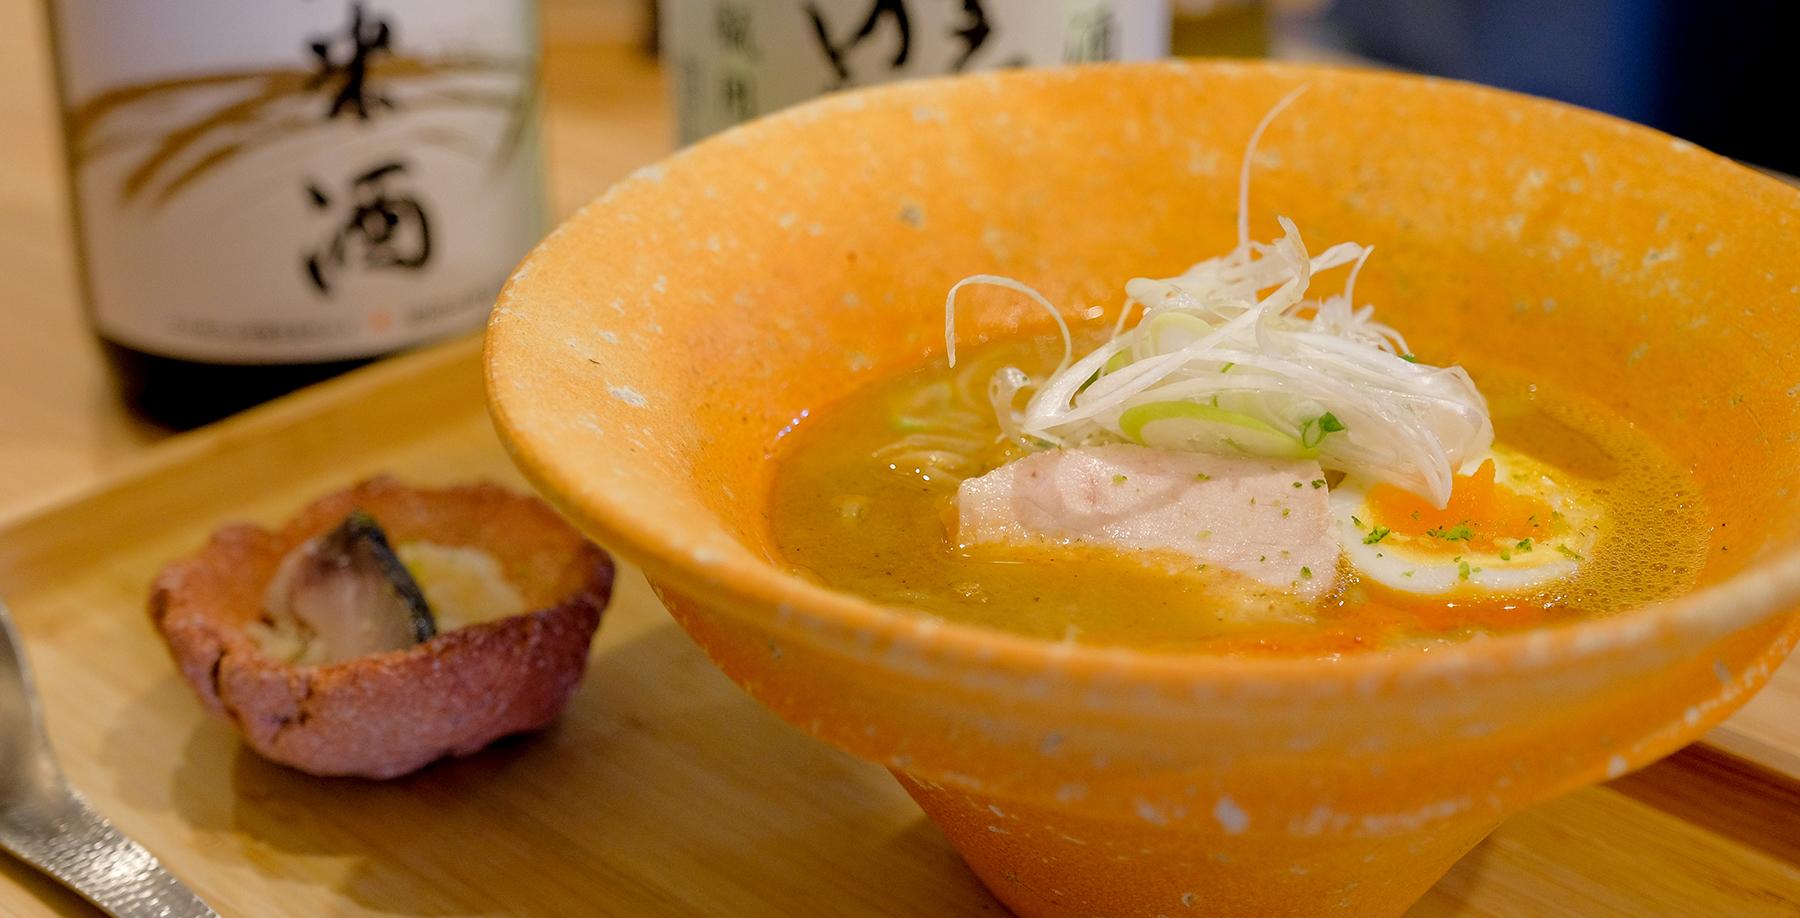 季節に合わせた魚介スープと自家製麺で勝負する|やまなか らーめん